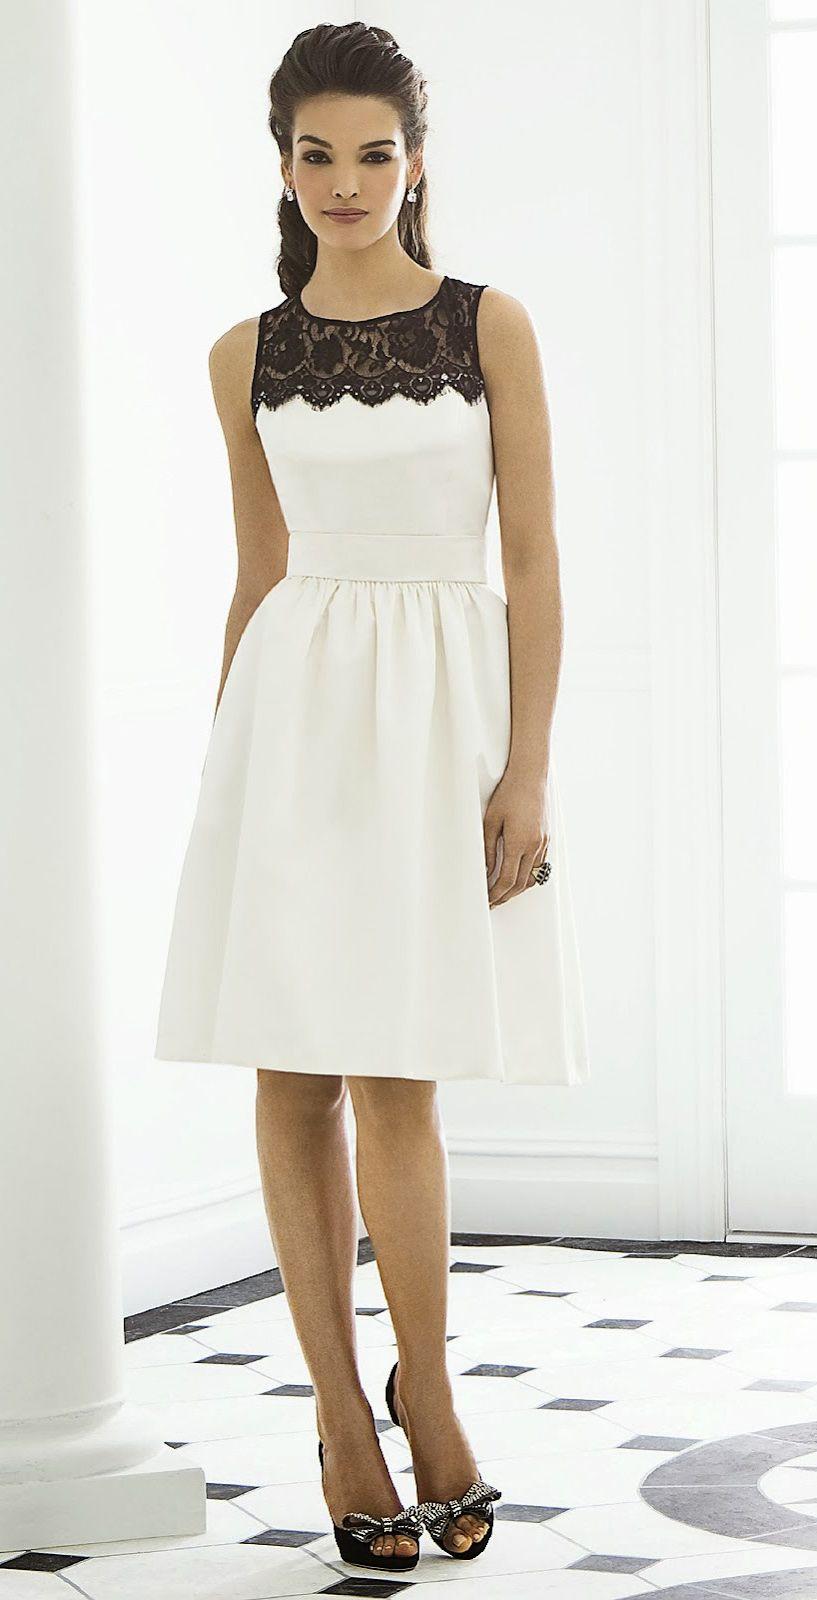 f1c41c4b3b5 Белое платье с кружевной кокеткой отрезное по уровню талии является  универсальной моделью. Днем она отлично подойдет для работы в офисе.